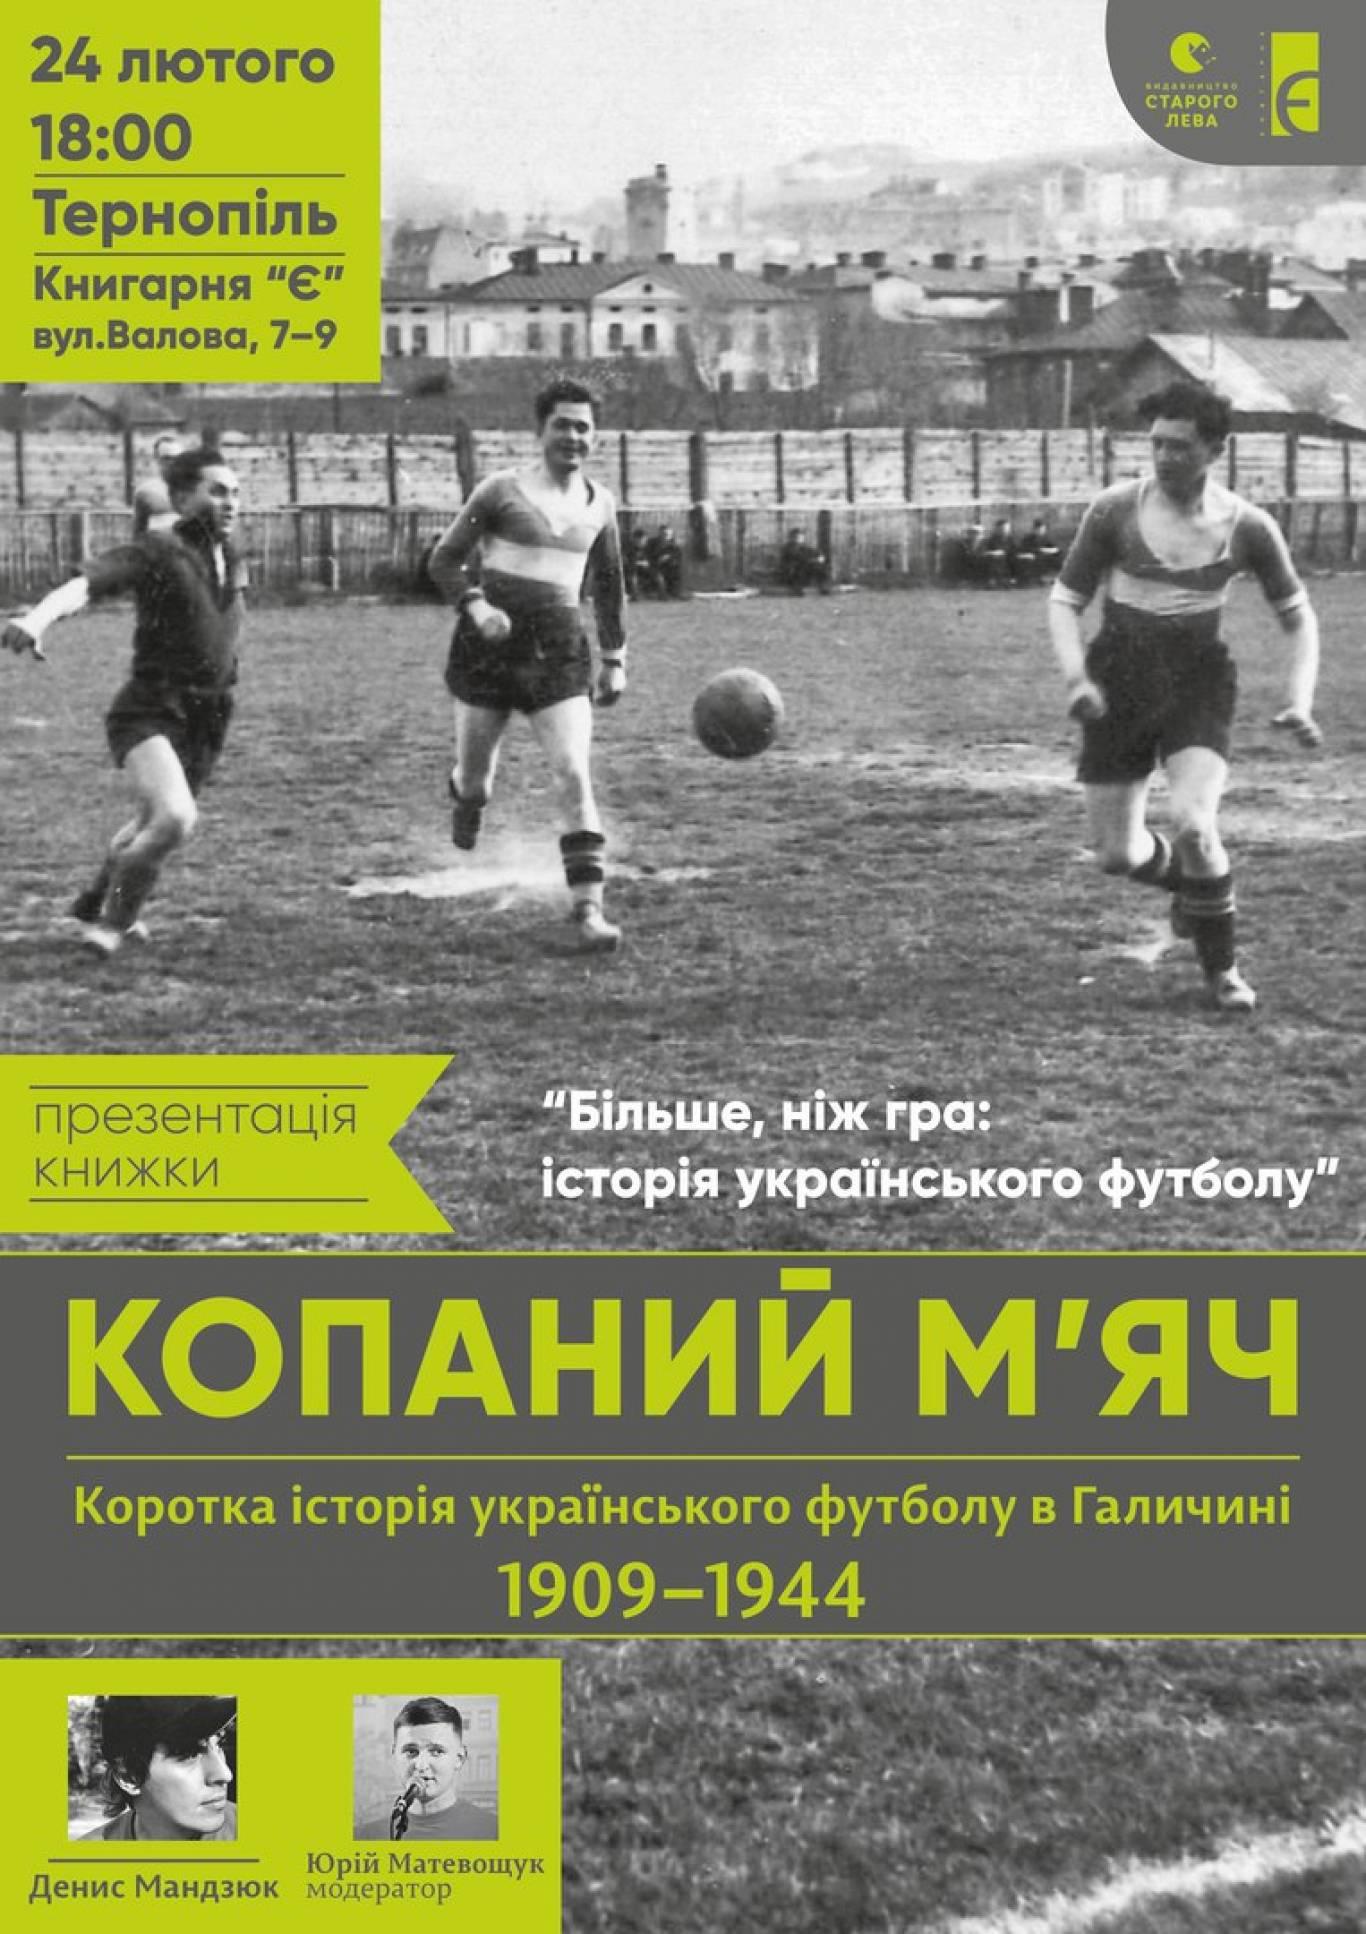 Презентація книги «Копаний м'яч. Коротка iсторiя украïнського футболу в Галичинi 1909–1944»